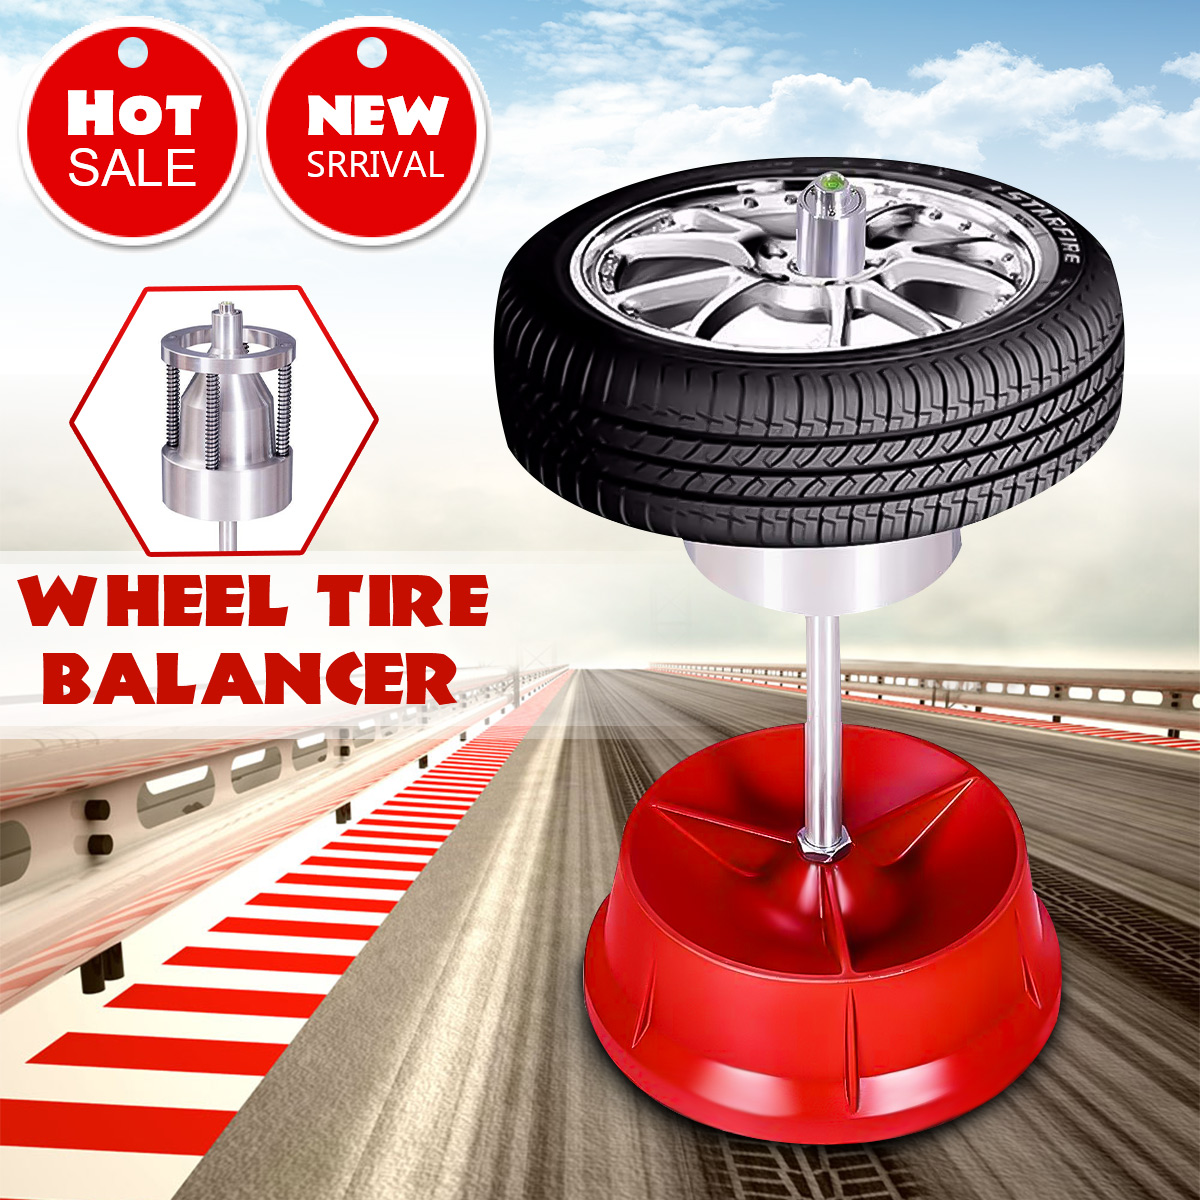 Cubos de Roda Balanceador De Pneus do Caminhão do carro Portátil Nível de Bolha Pesados Aro Do Pneu de Carro Roda Balanceador de Auto Máquina de Balanceamento de Pneus